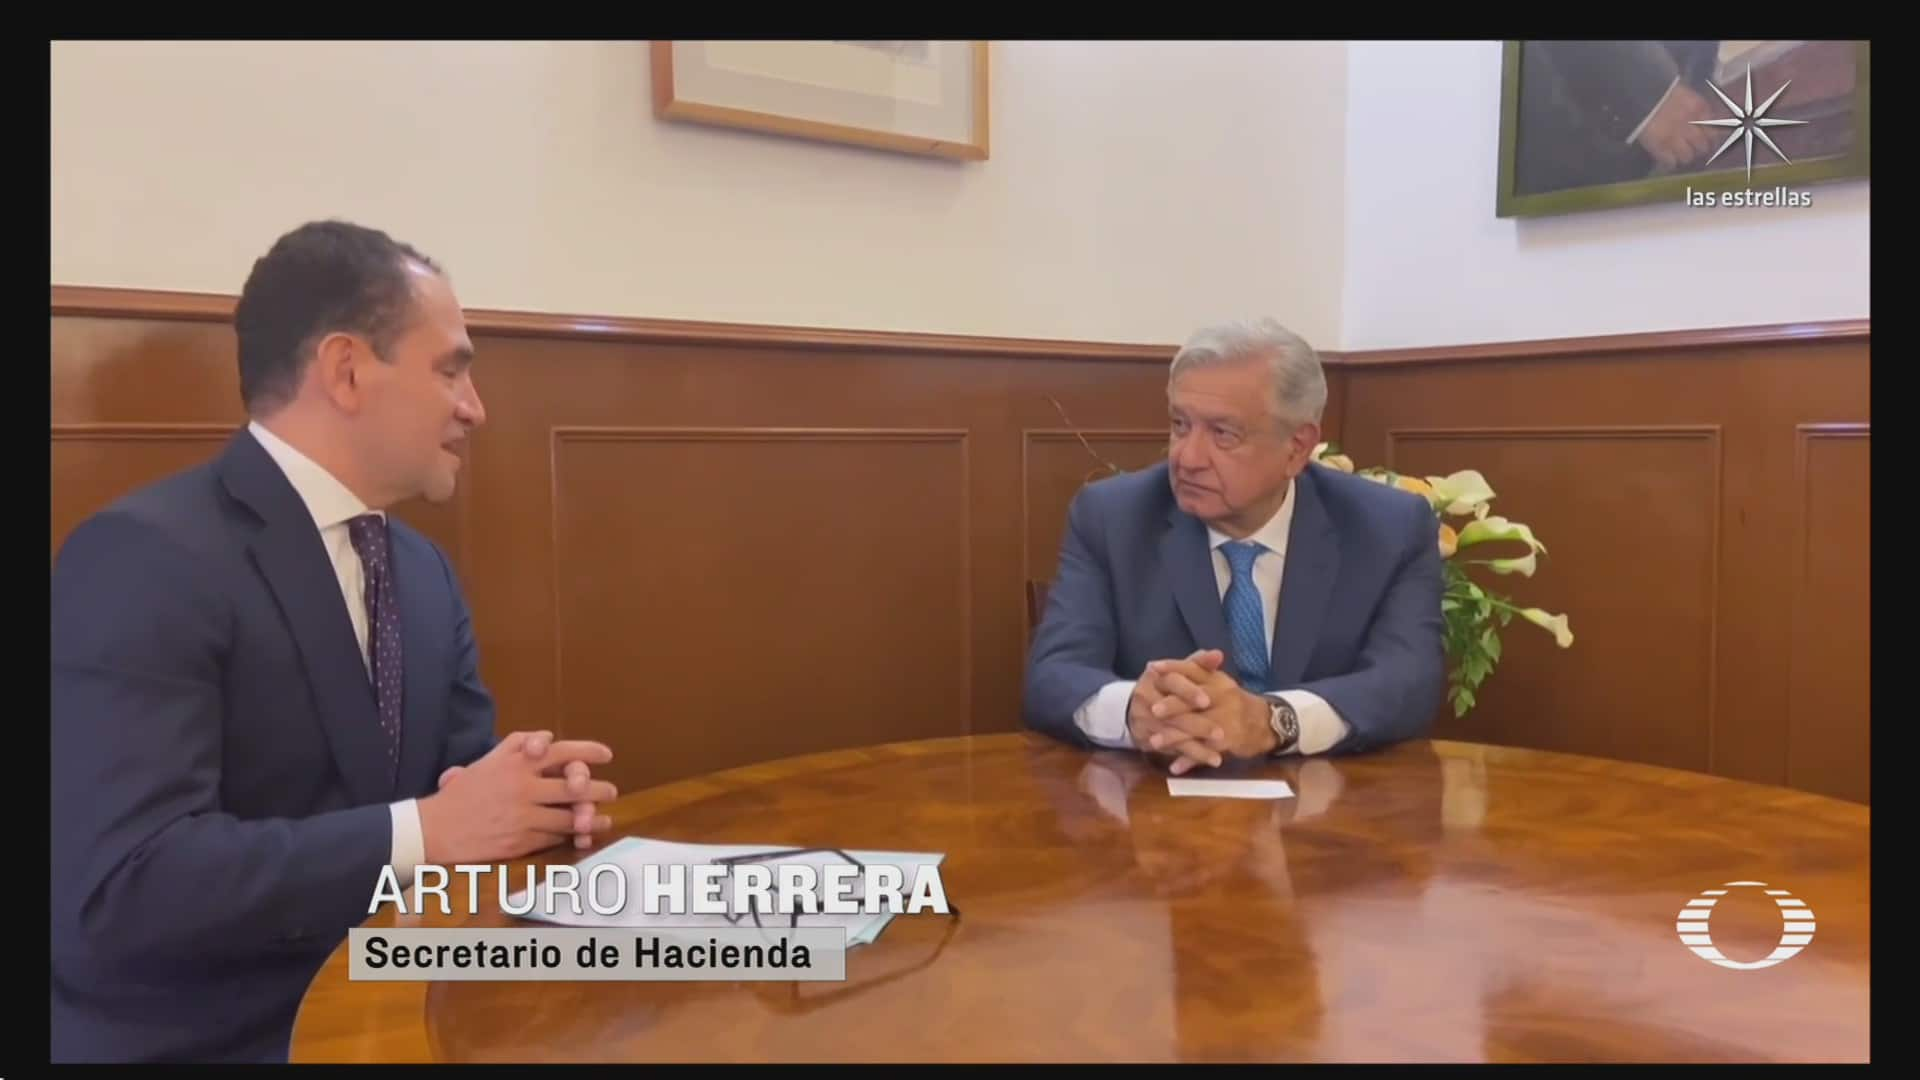 amlo propone a arturo herrera como gobernador del banco de mexico